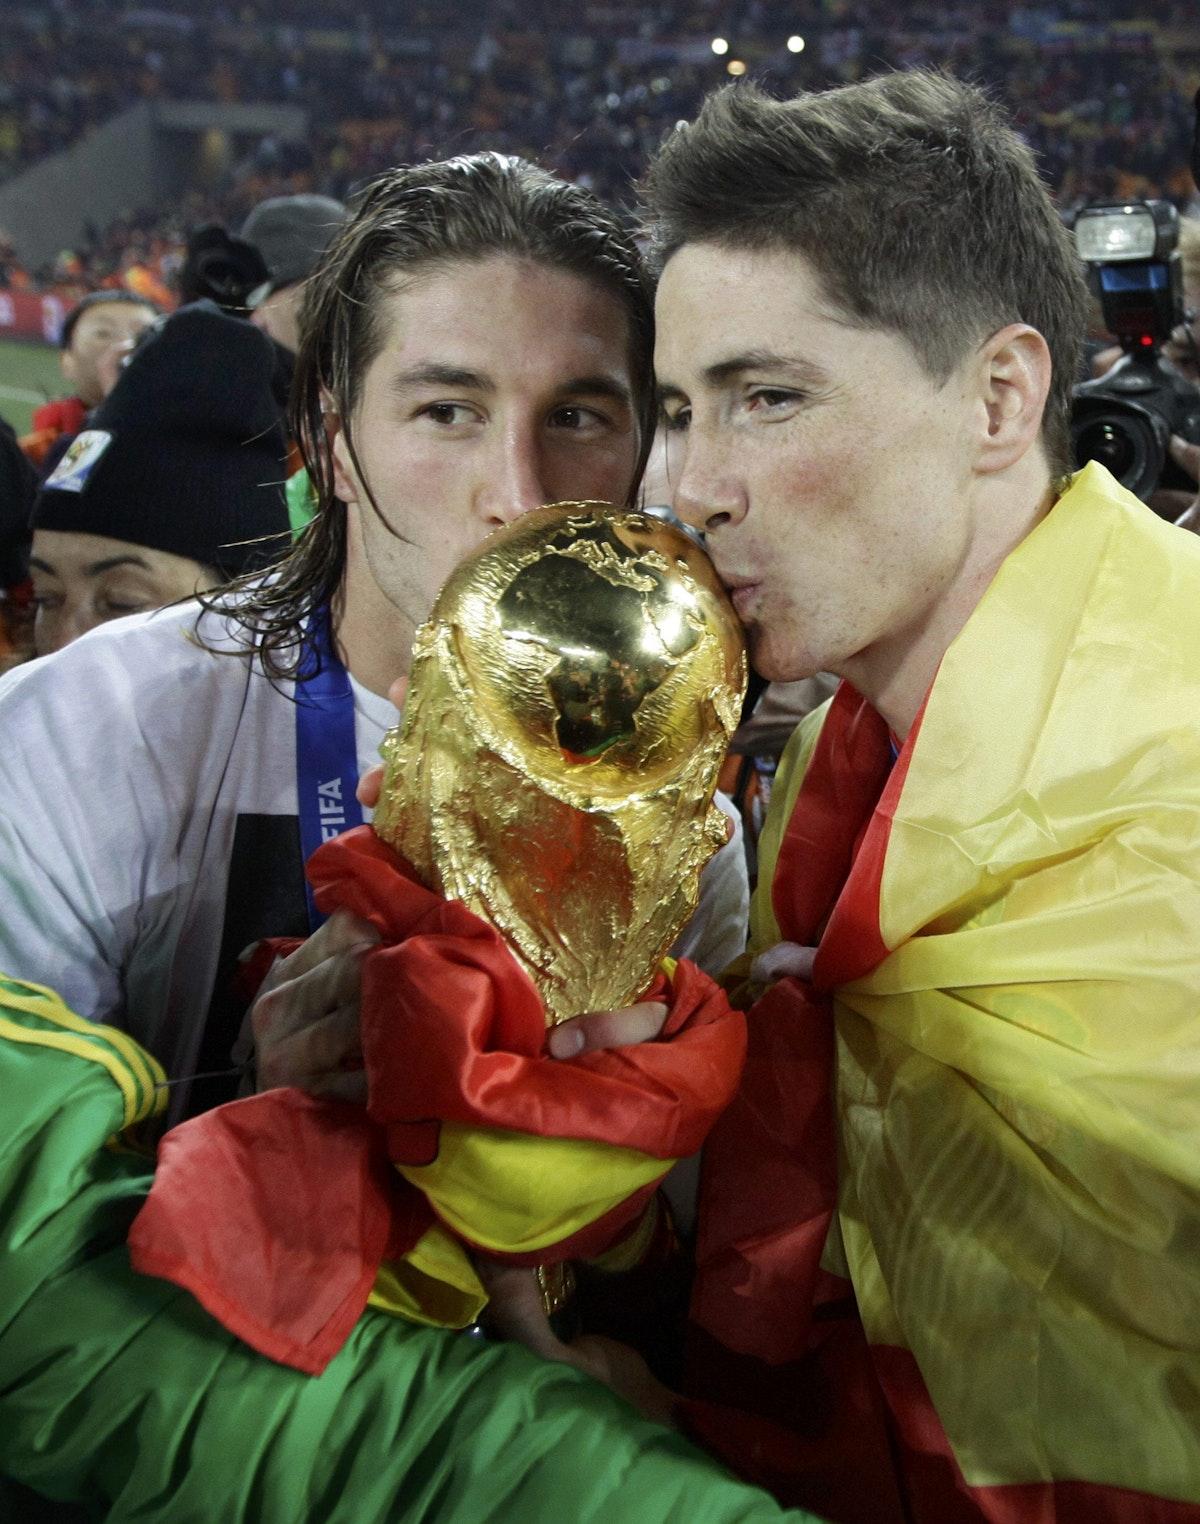 سيرخيو راموس وفيرناندو توريس يحملان كأس العالم 2010 - REUTERS